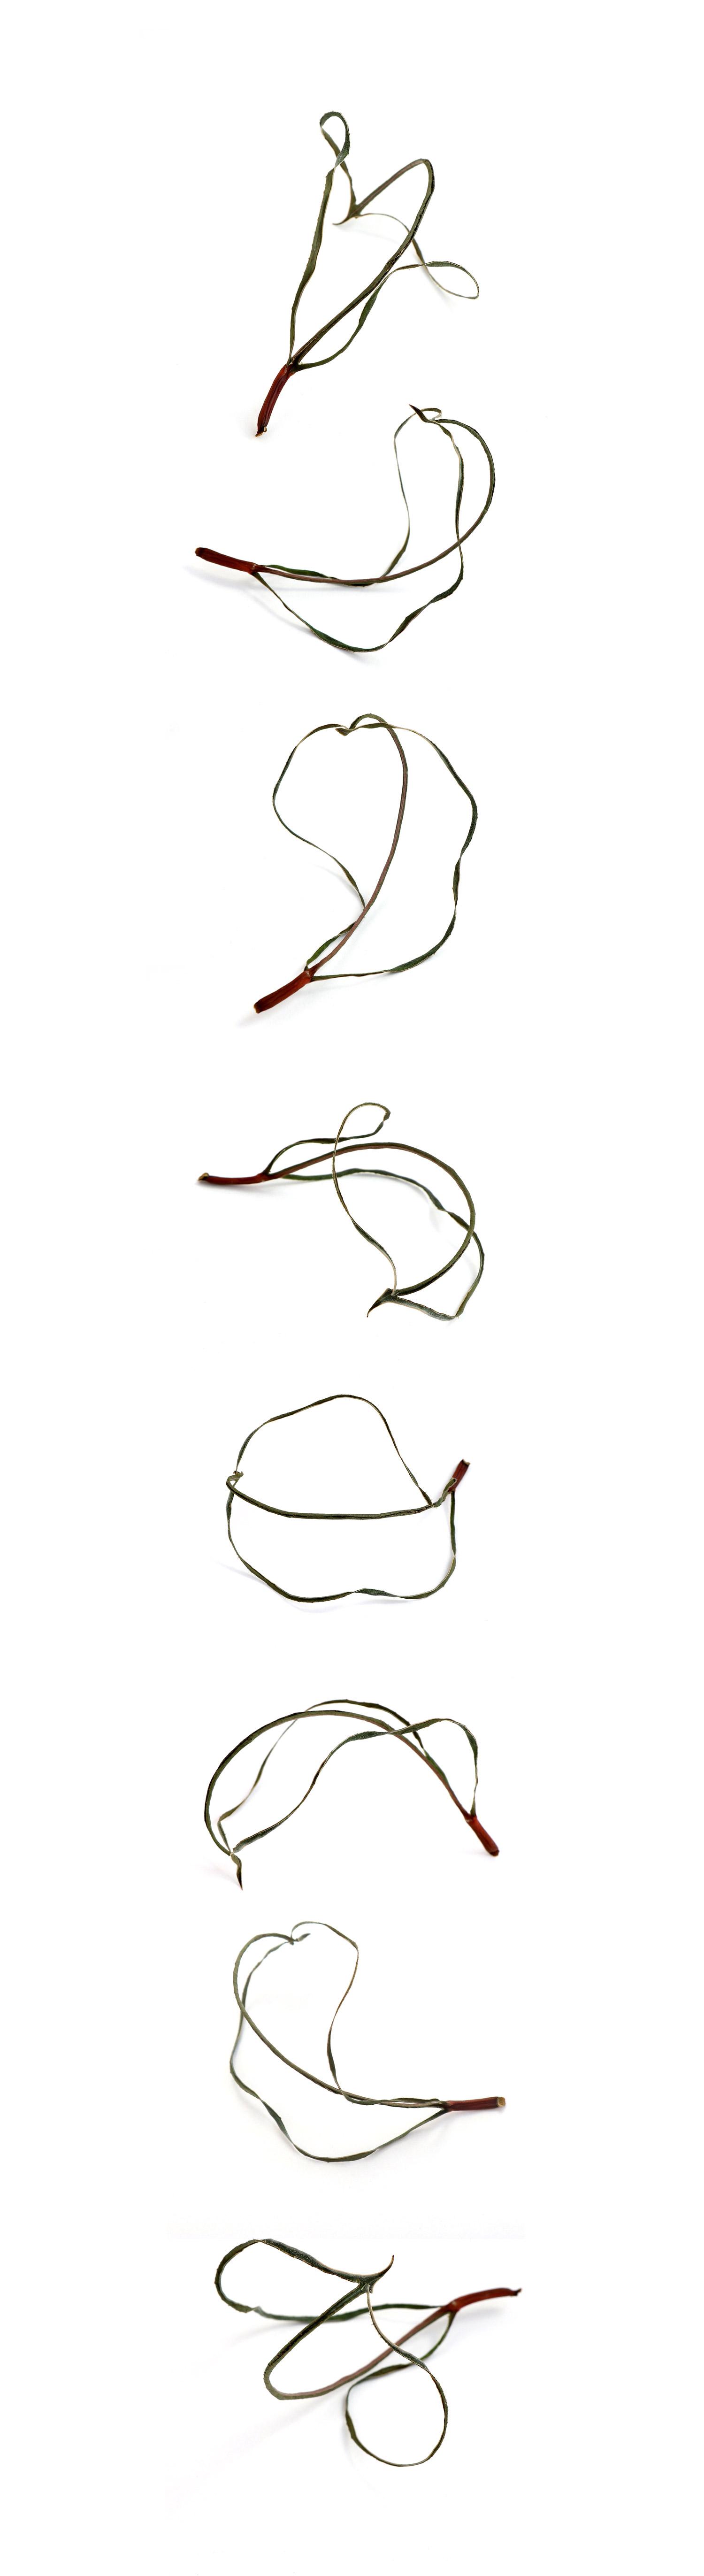 one leaf, eight ways